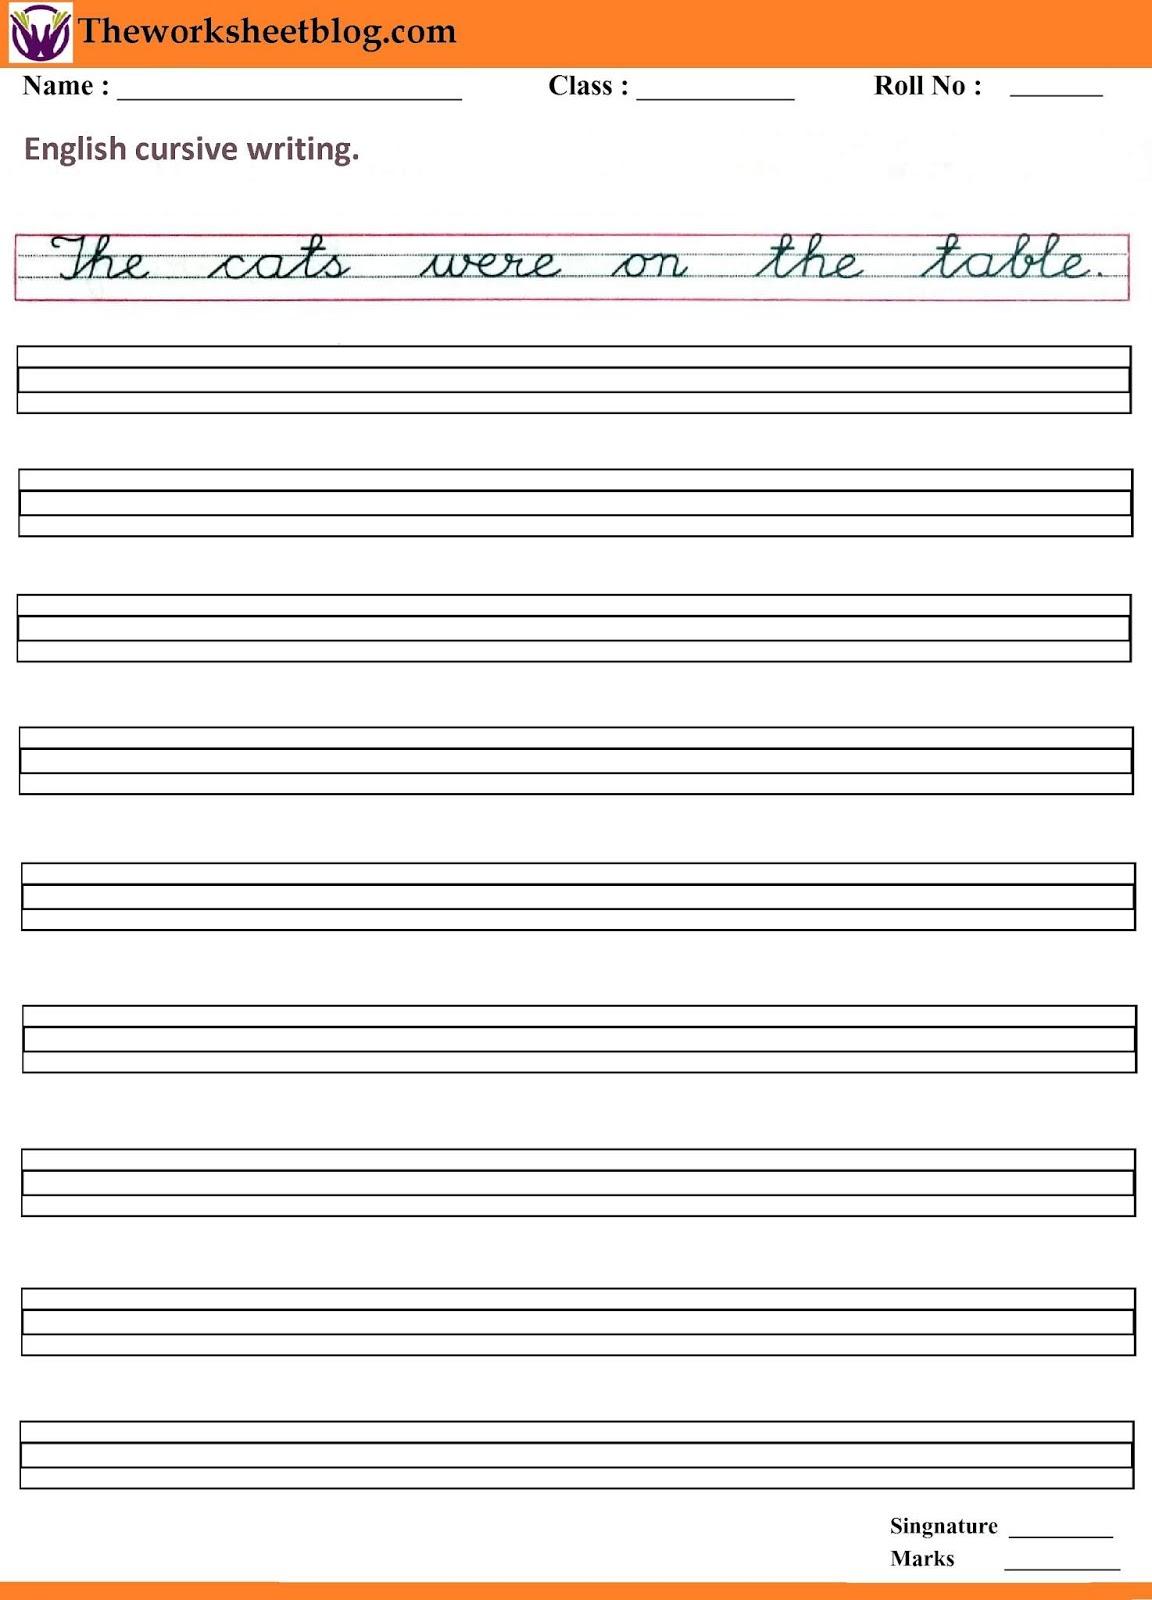 English Cursive Sentence Writing Worksheet